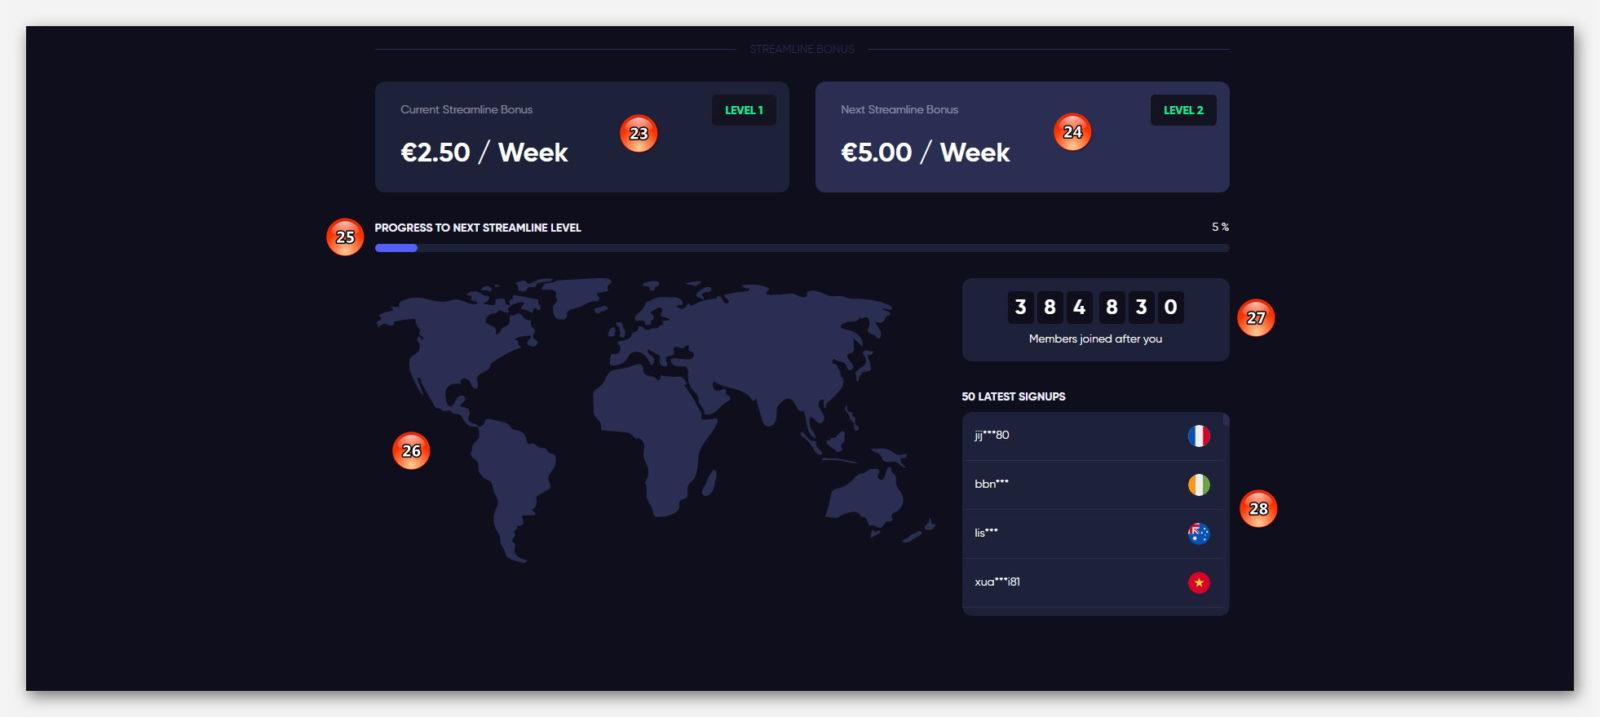 Прогресс Streamline бонуса и регистрации пользователей по всему миру, в проекте CROWD1